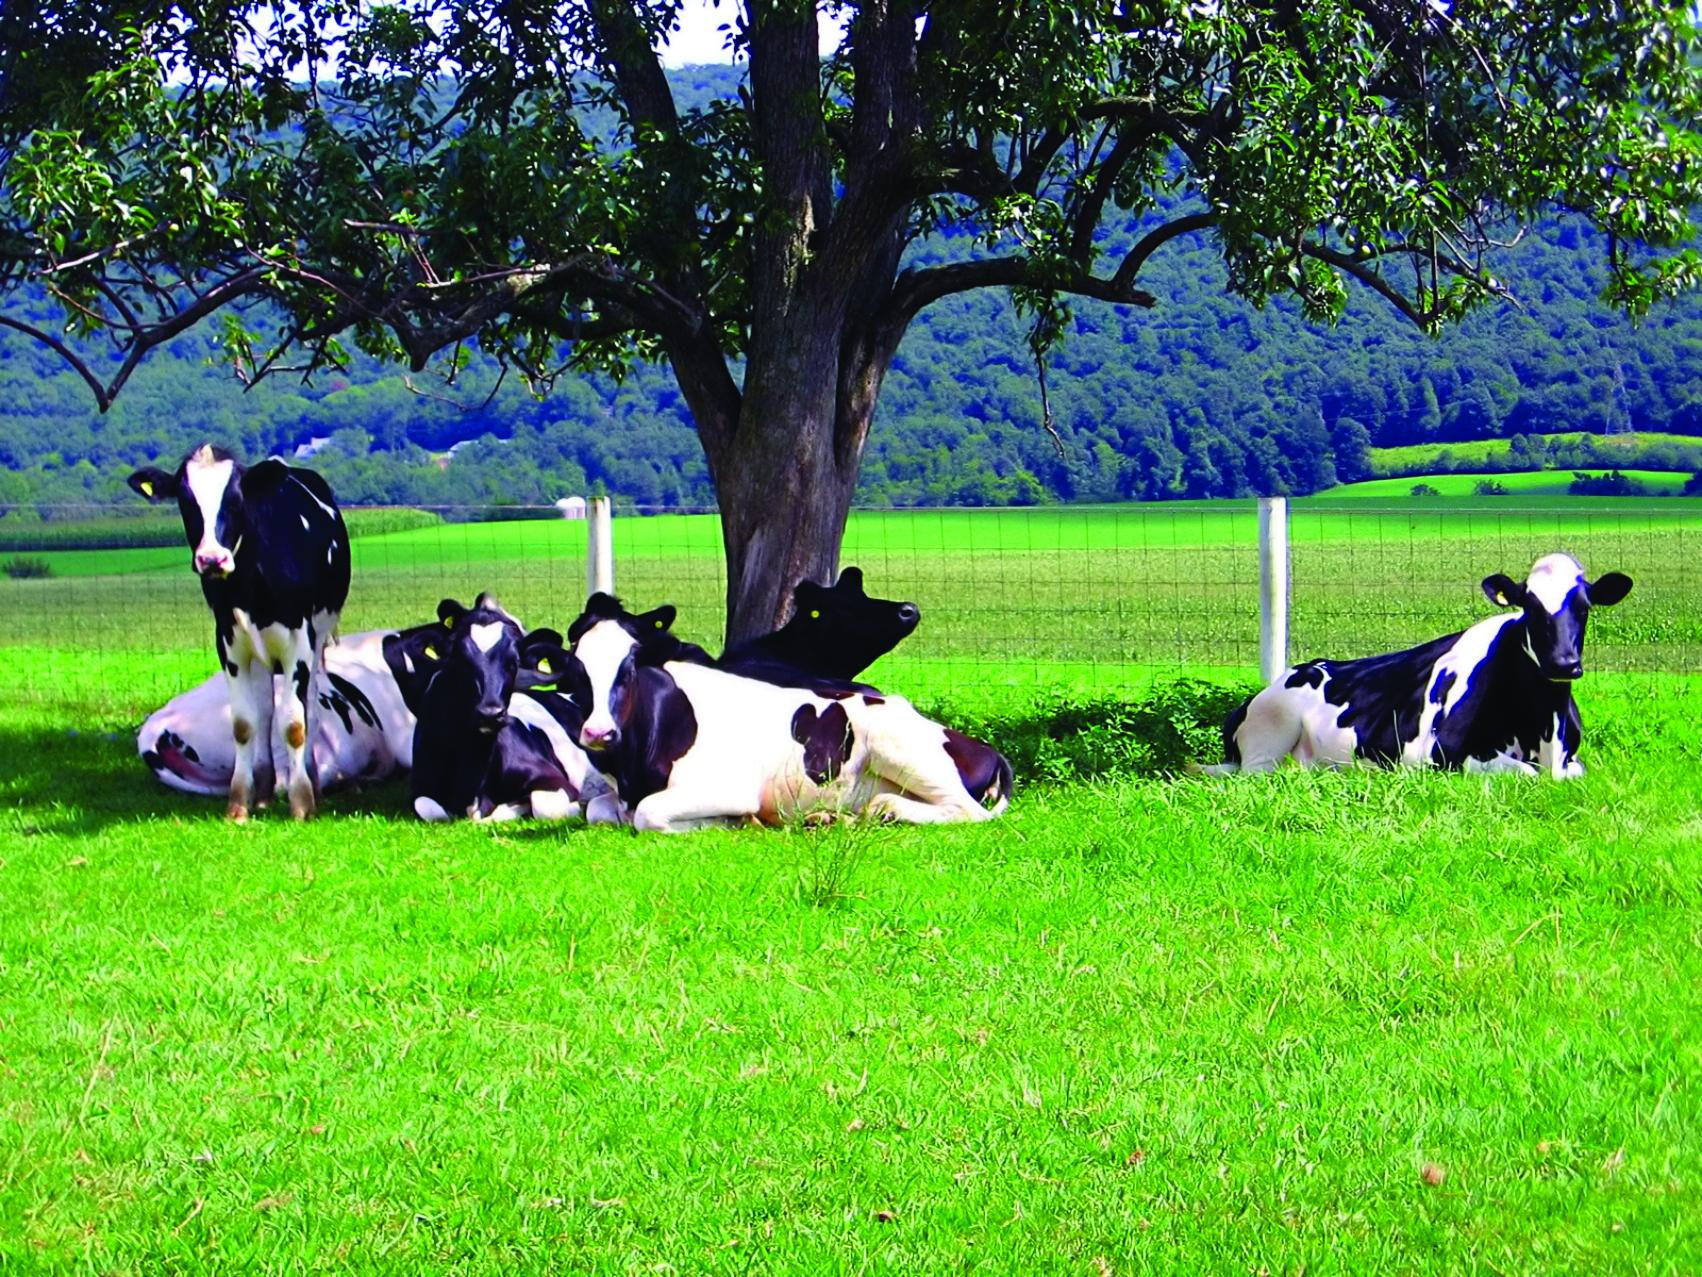 Article on heatstress in cattle